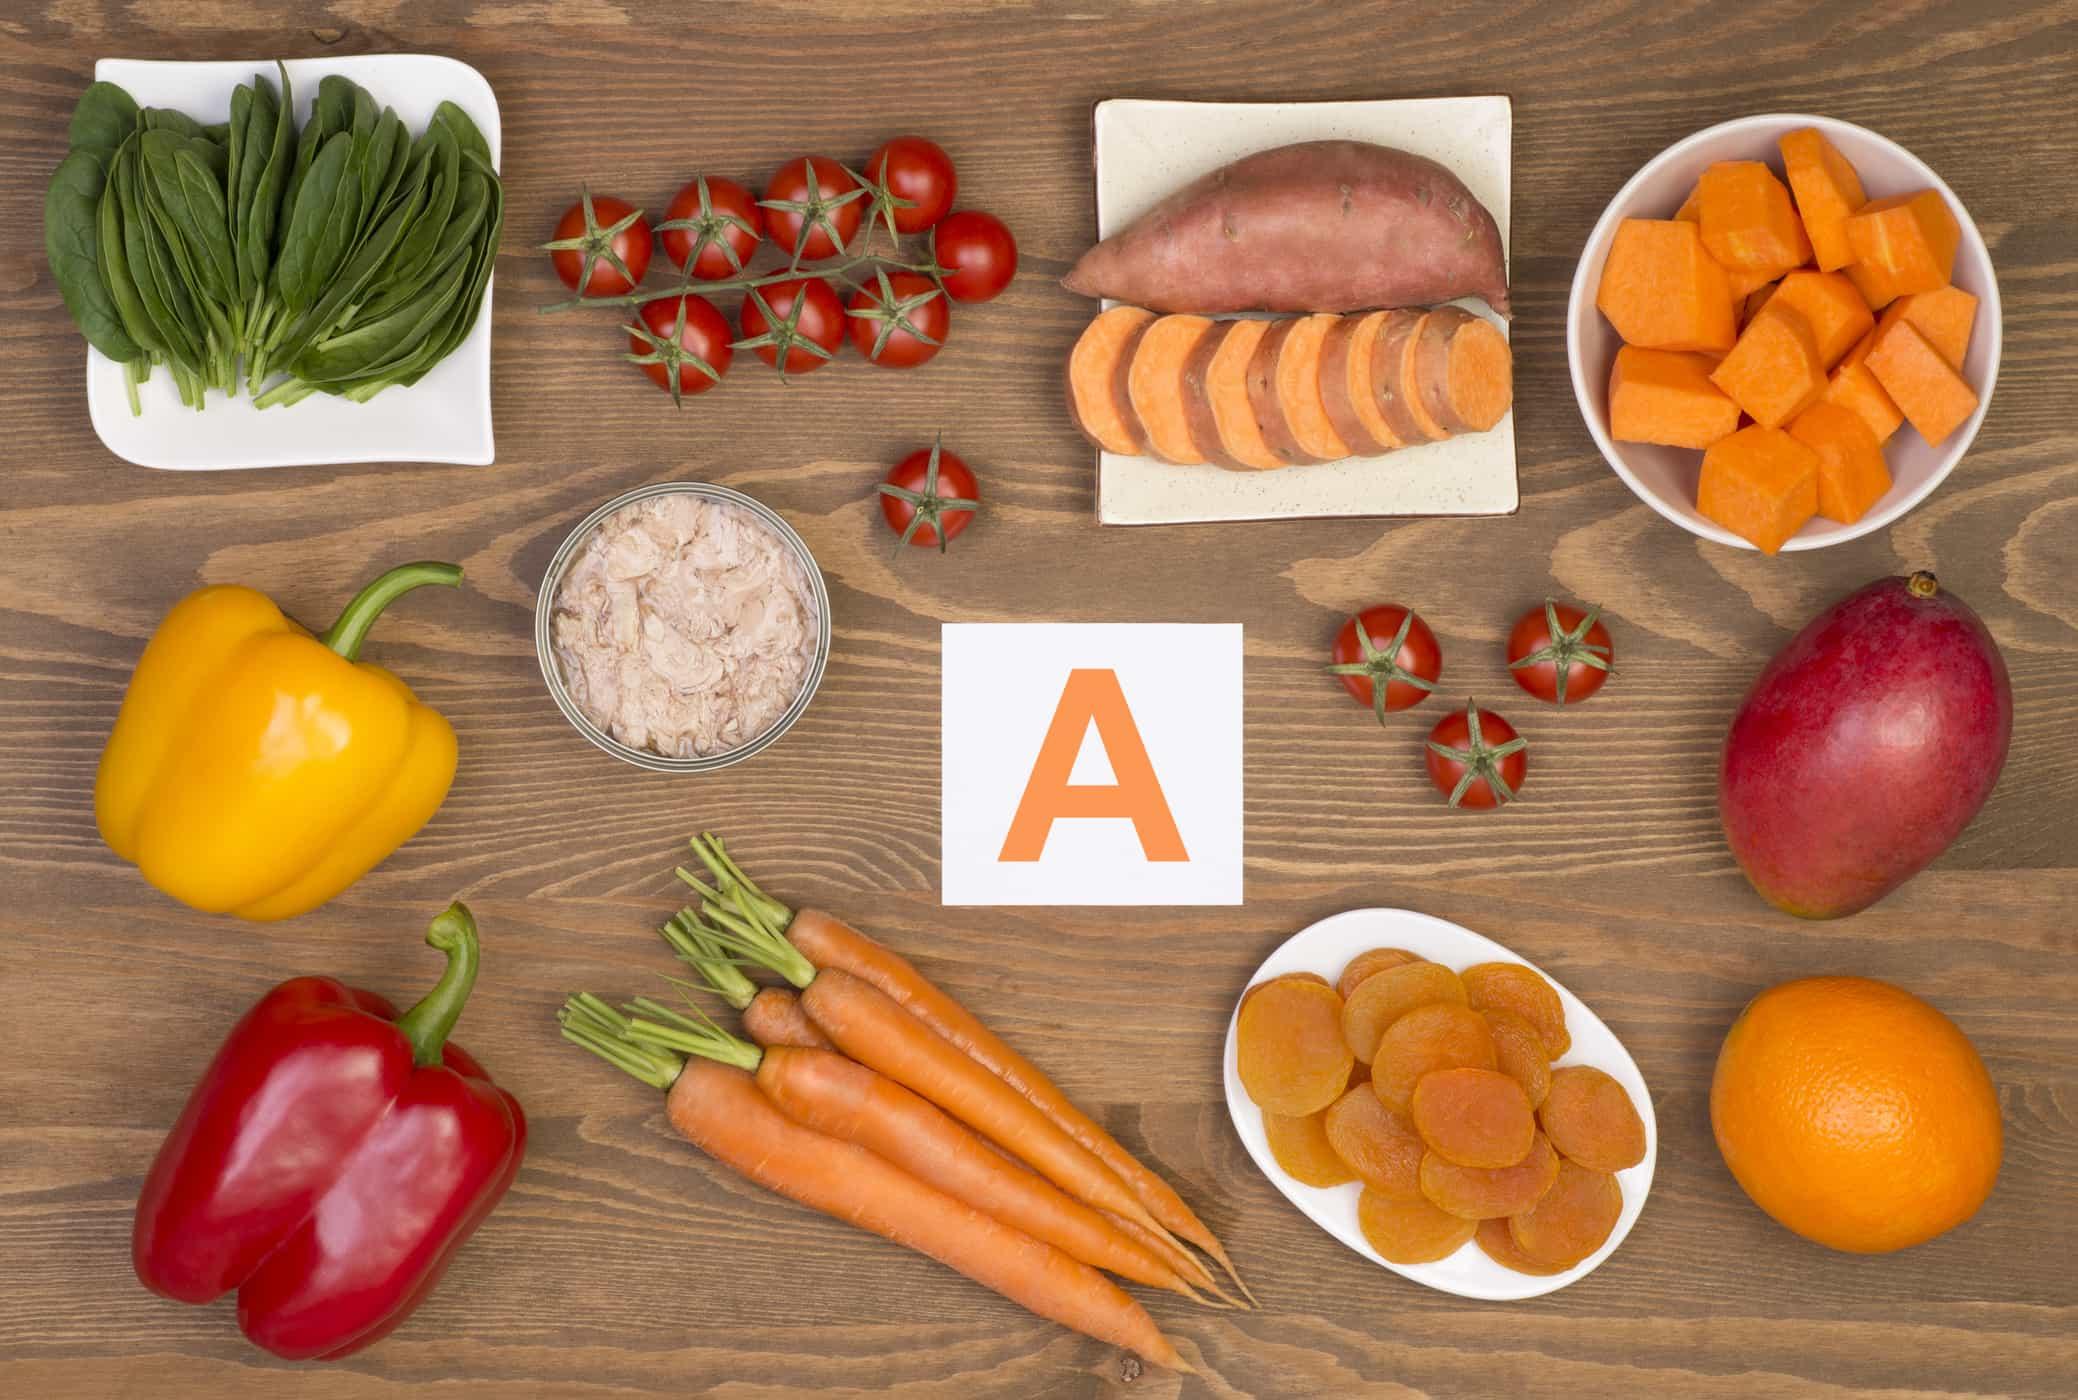 Chế độ ăn uống hợp lý, bổ sung vitamin đầy đủ